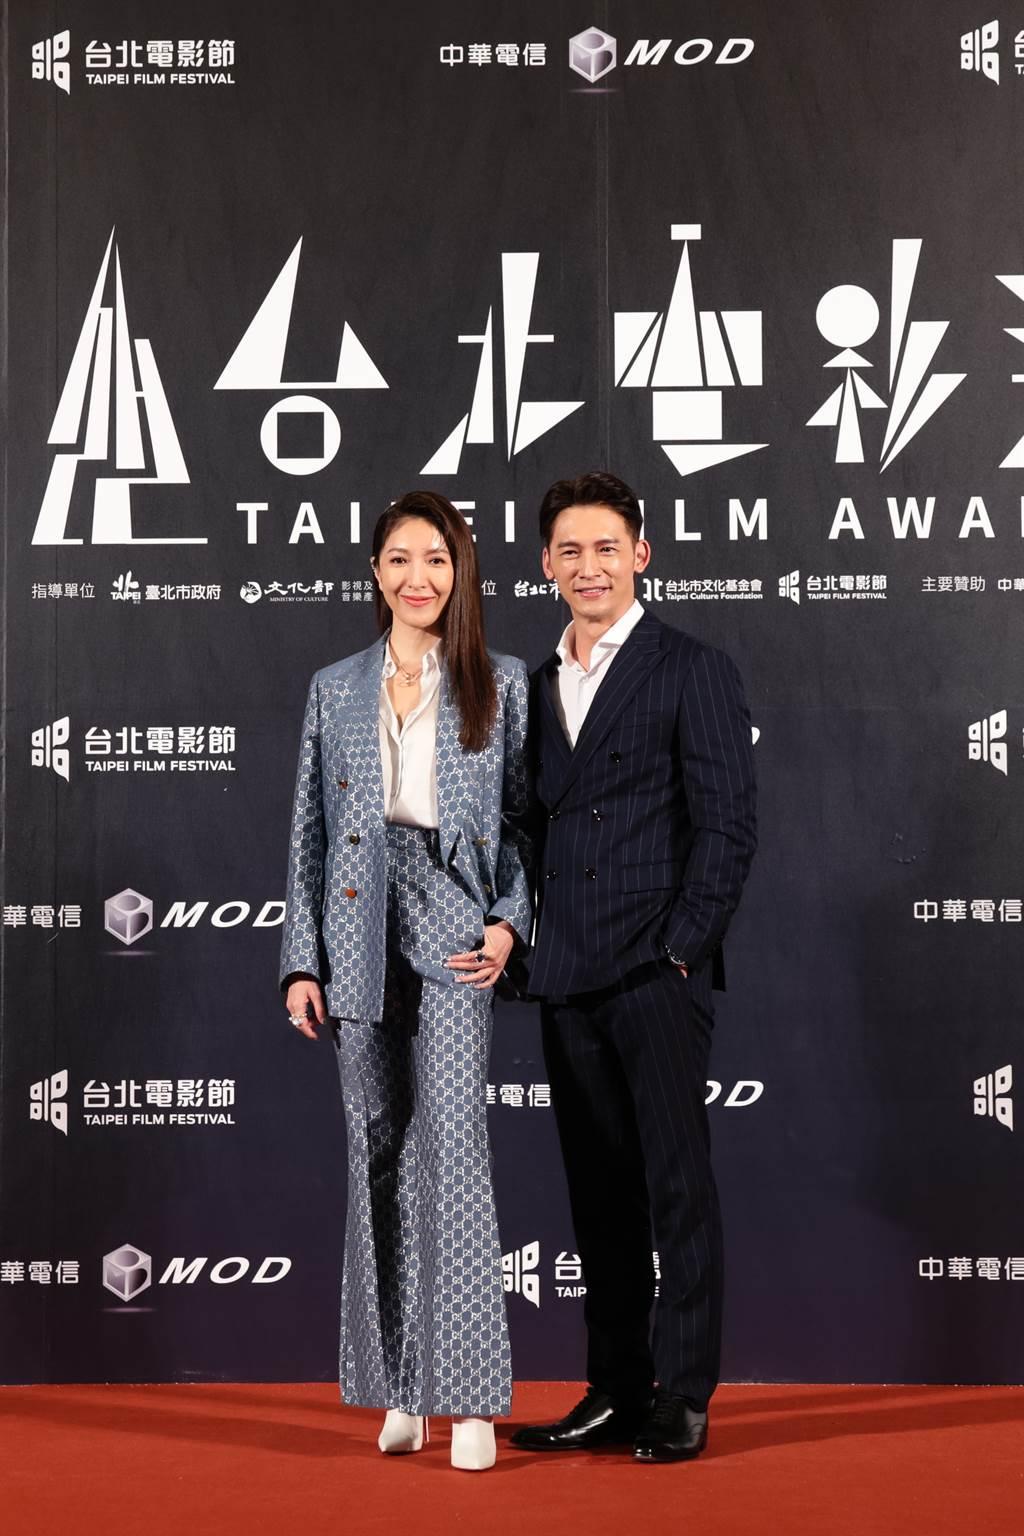 頒獎人楊謹華與溫昇豪。(台北電影節提供)